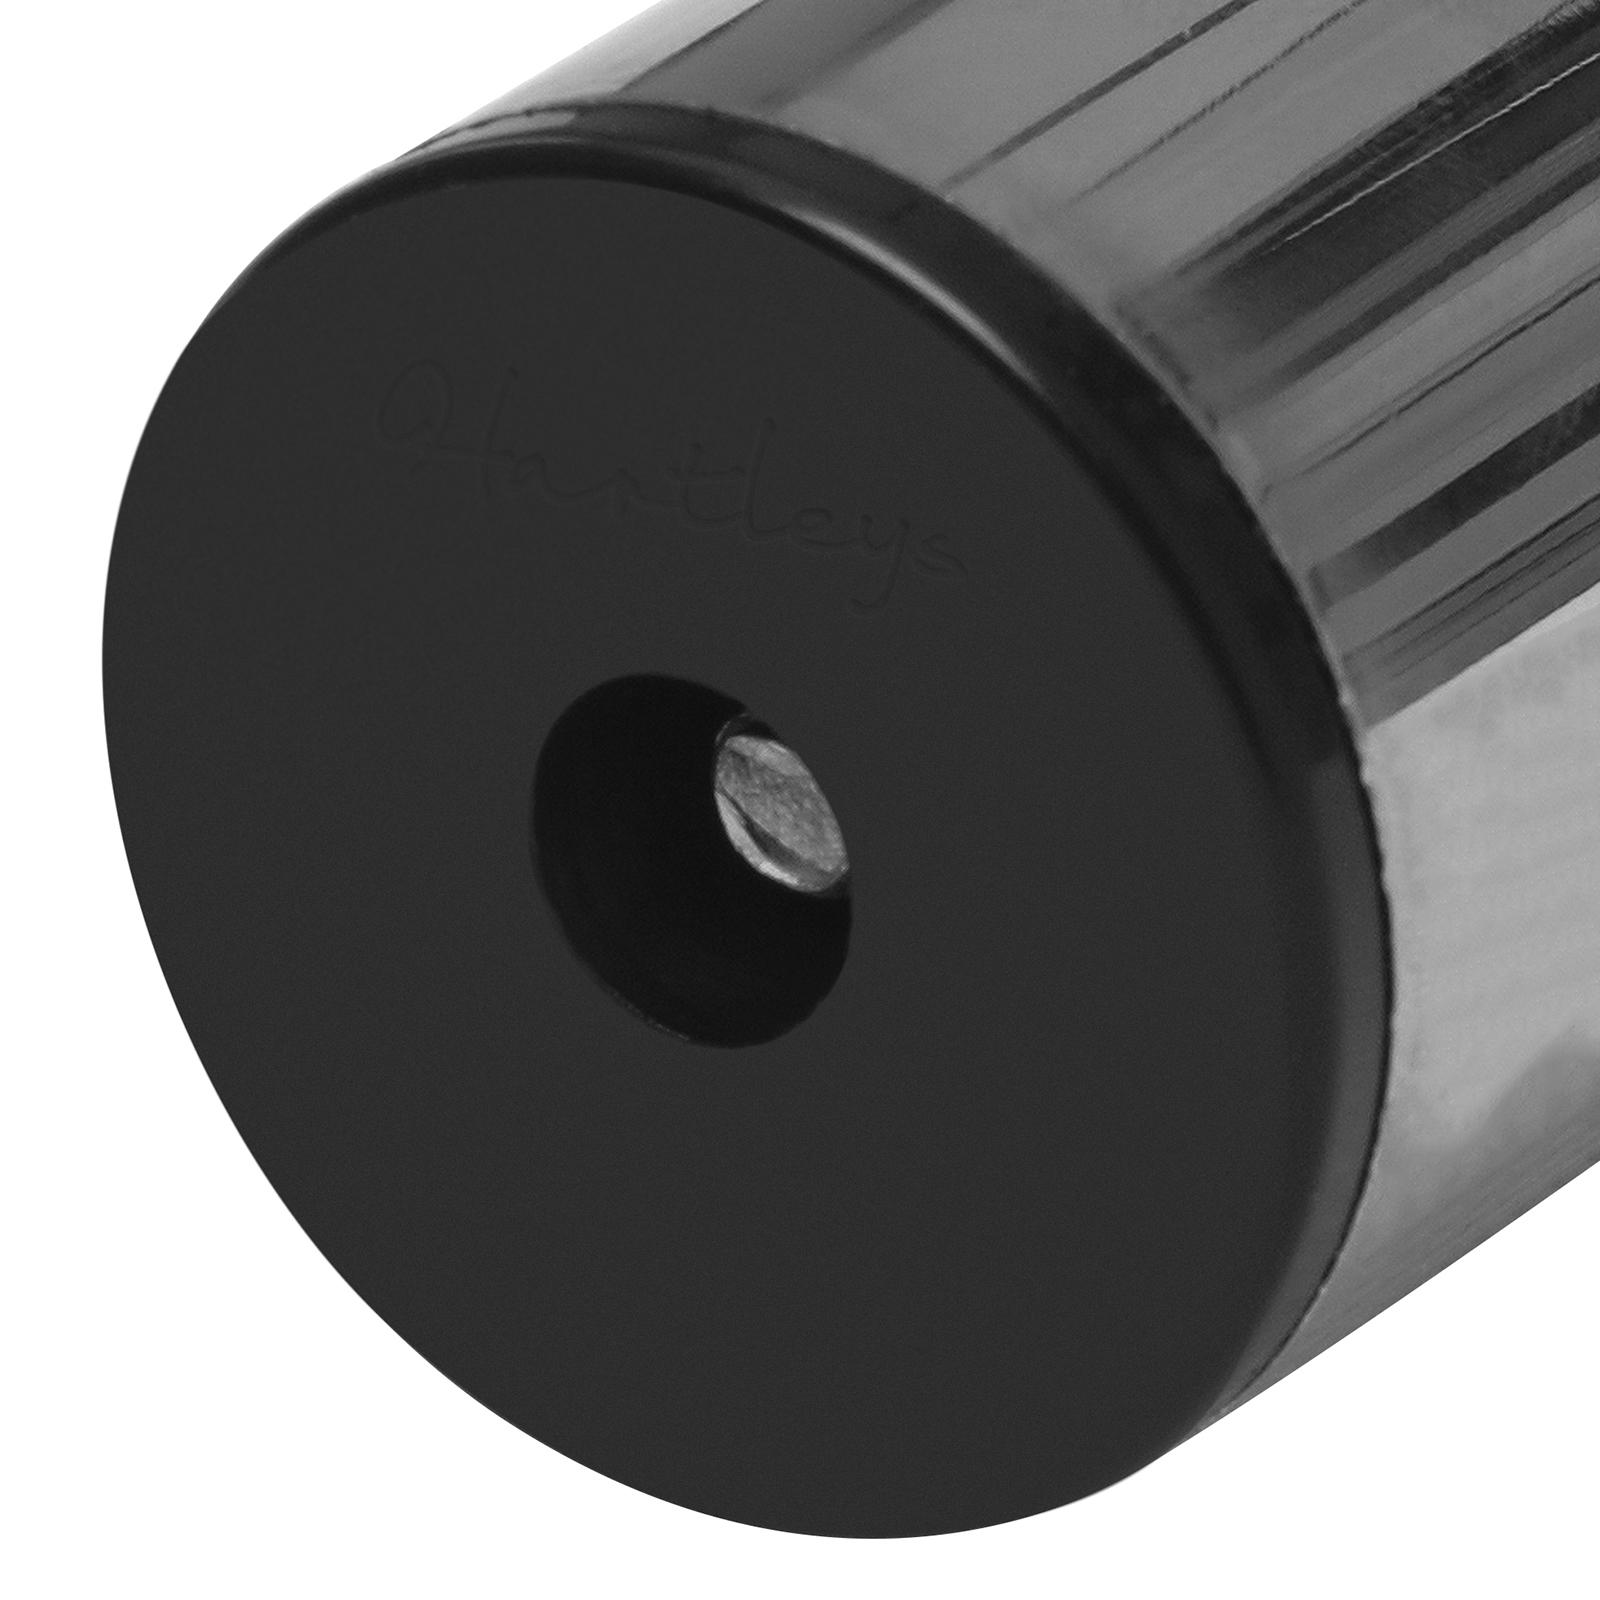 Grand double moniteur cran tuyau tube tag re ordinateur for Moniteur montage video